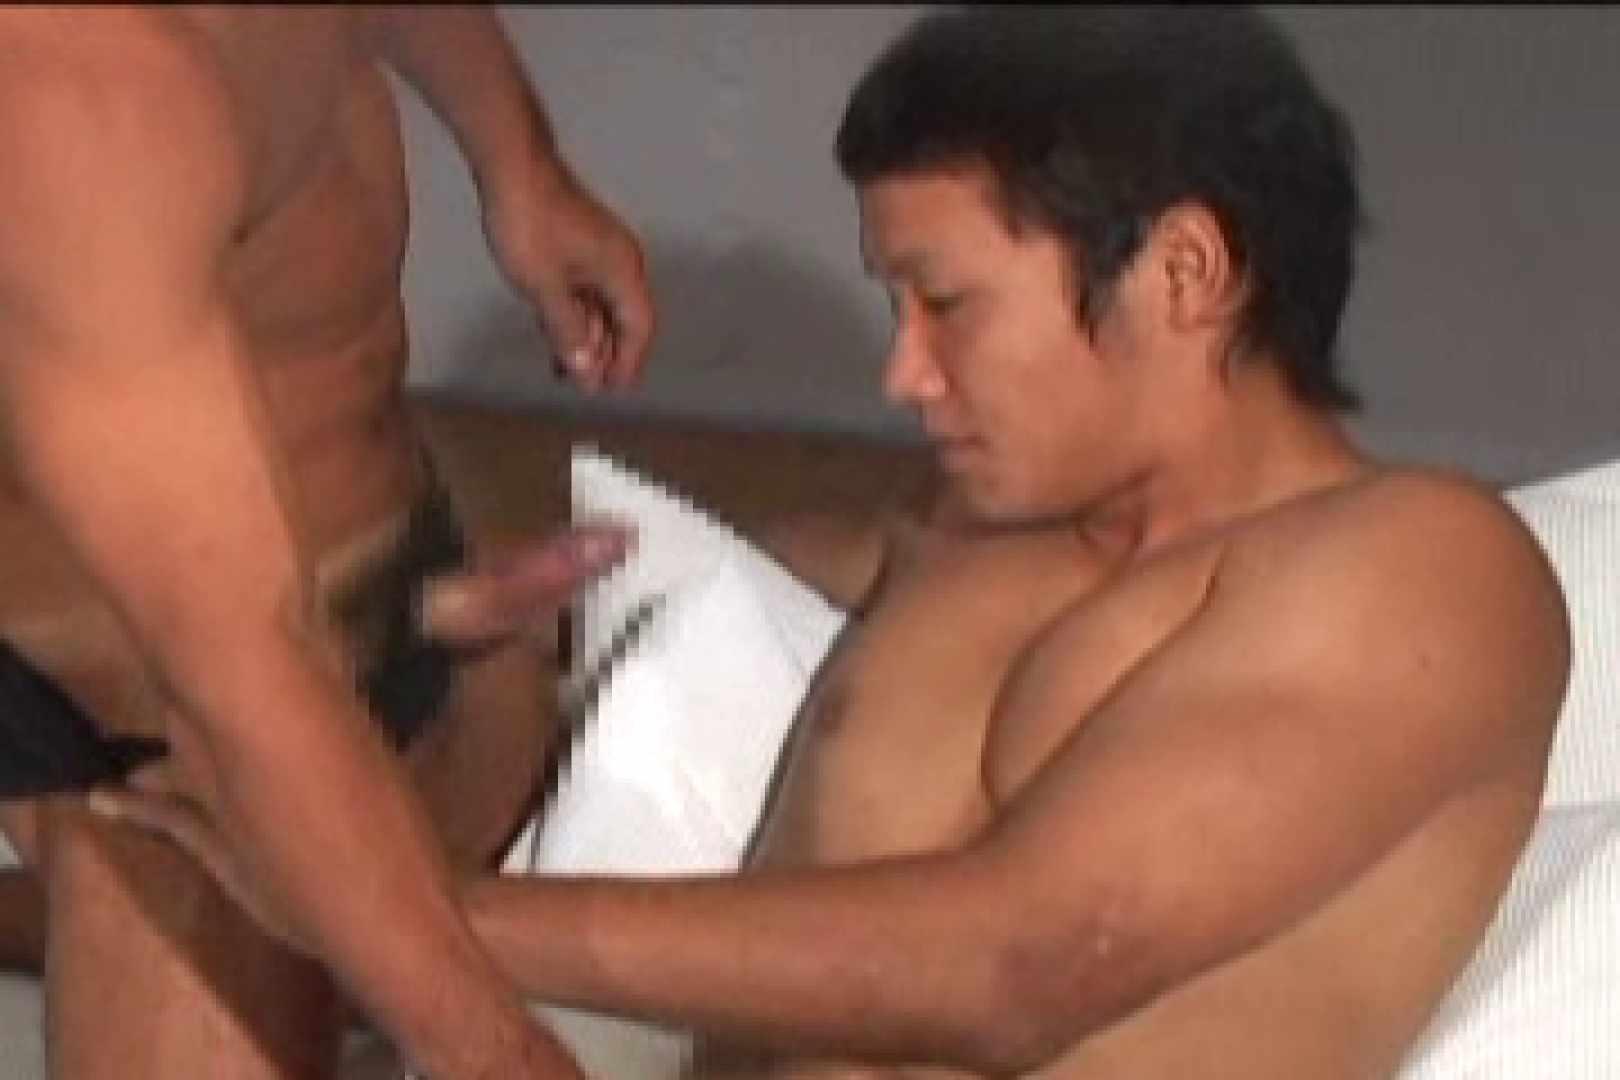 スポMENファック!!反り勃つ男根!!vol.4 裸の男たち ゲイ無修正画像 115枚 88